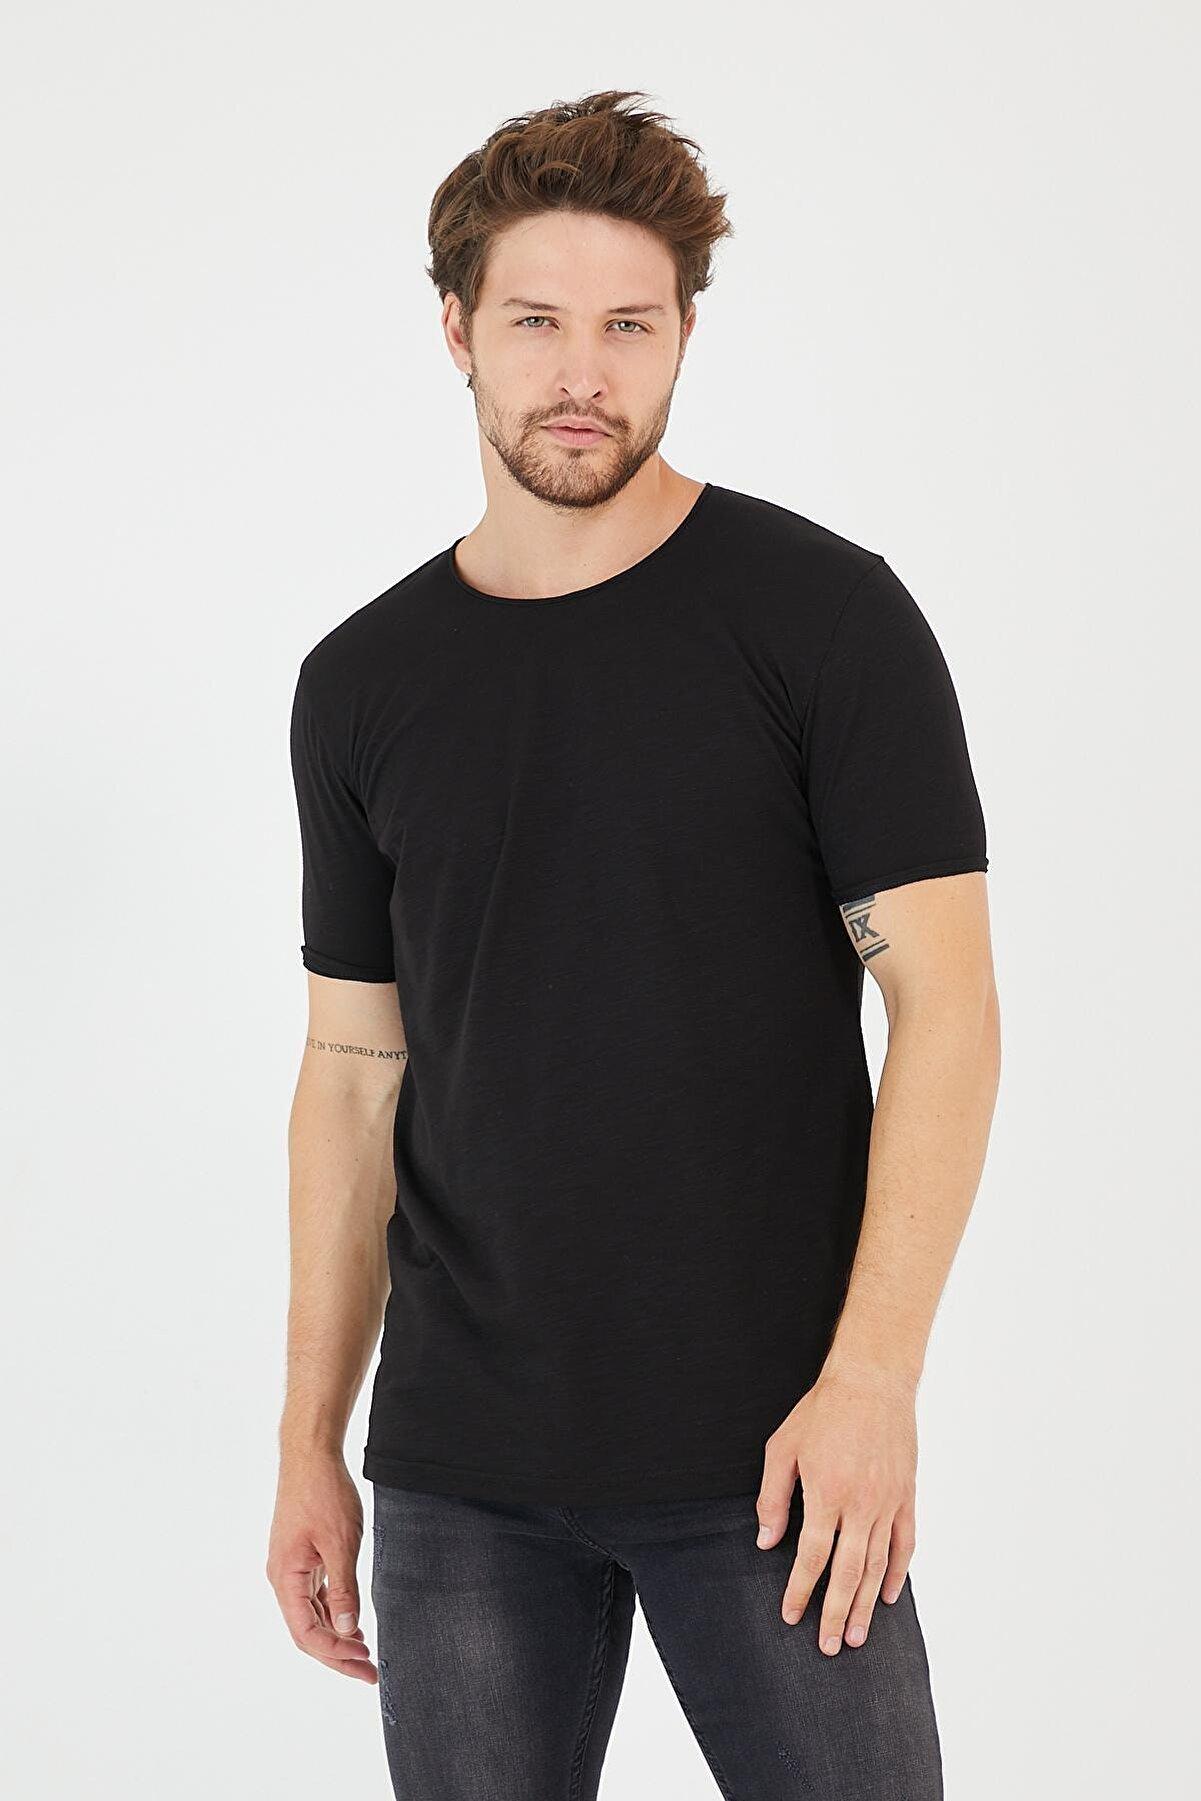 Barazza Erkek Flamlı Basic Tişört Siyah